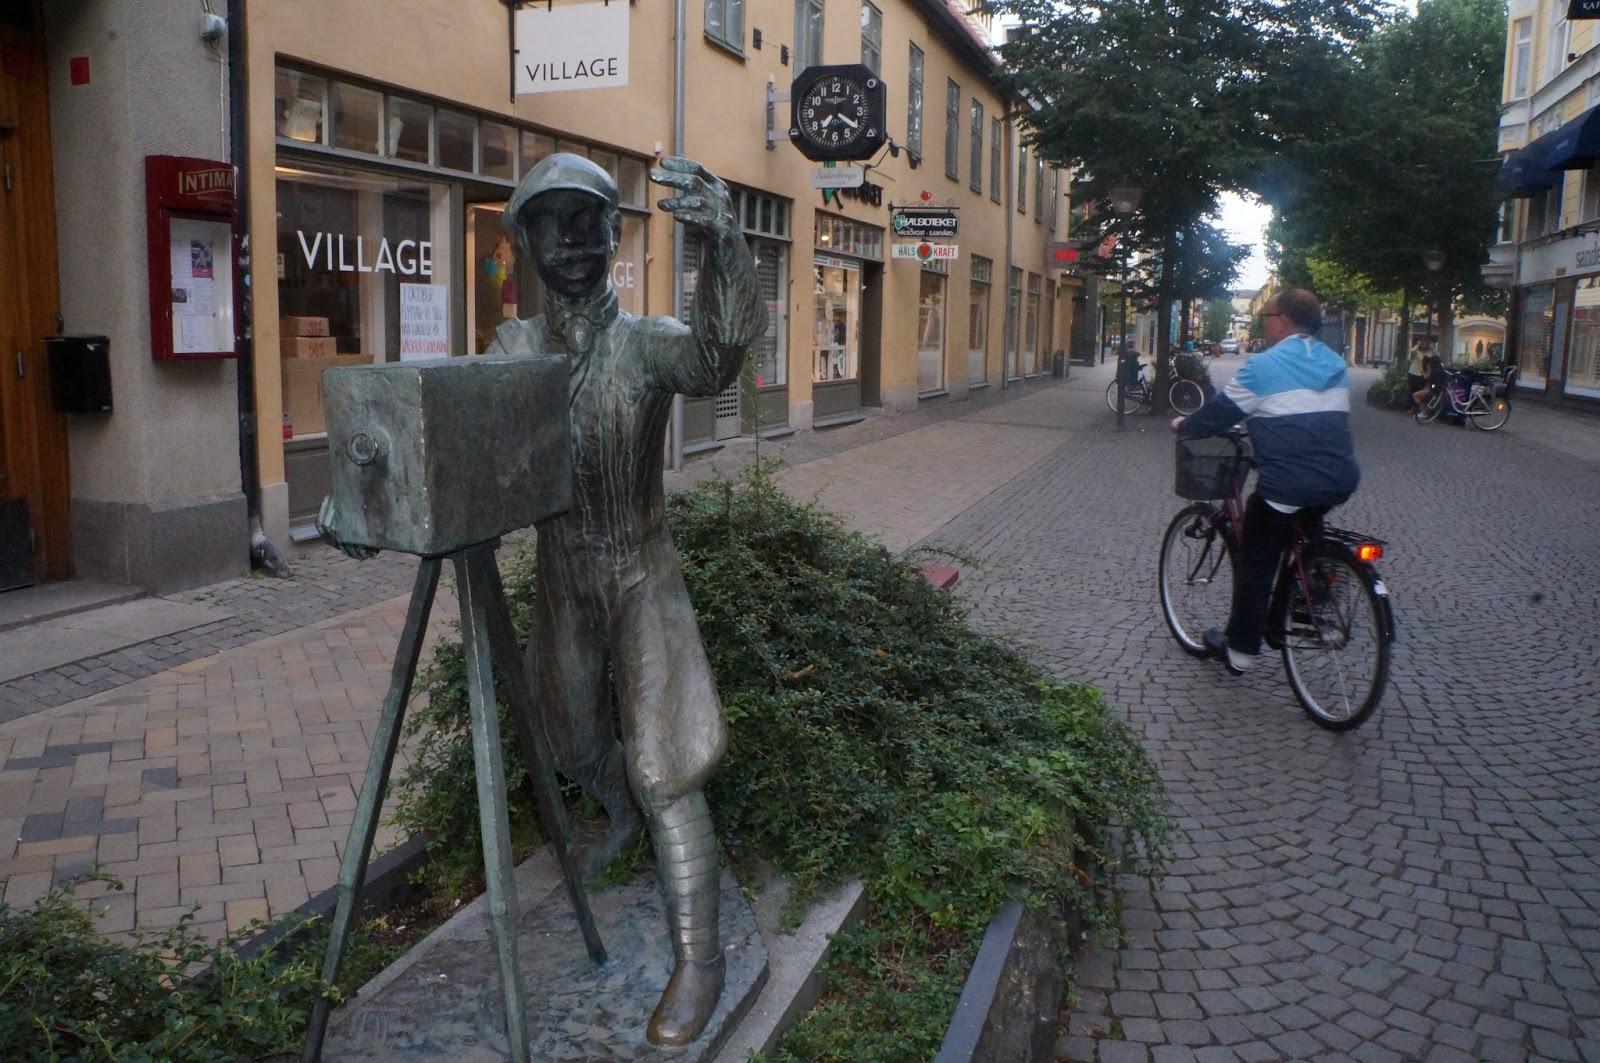 Tottes kompass och tidning : 08/11/13